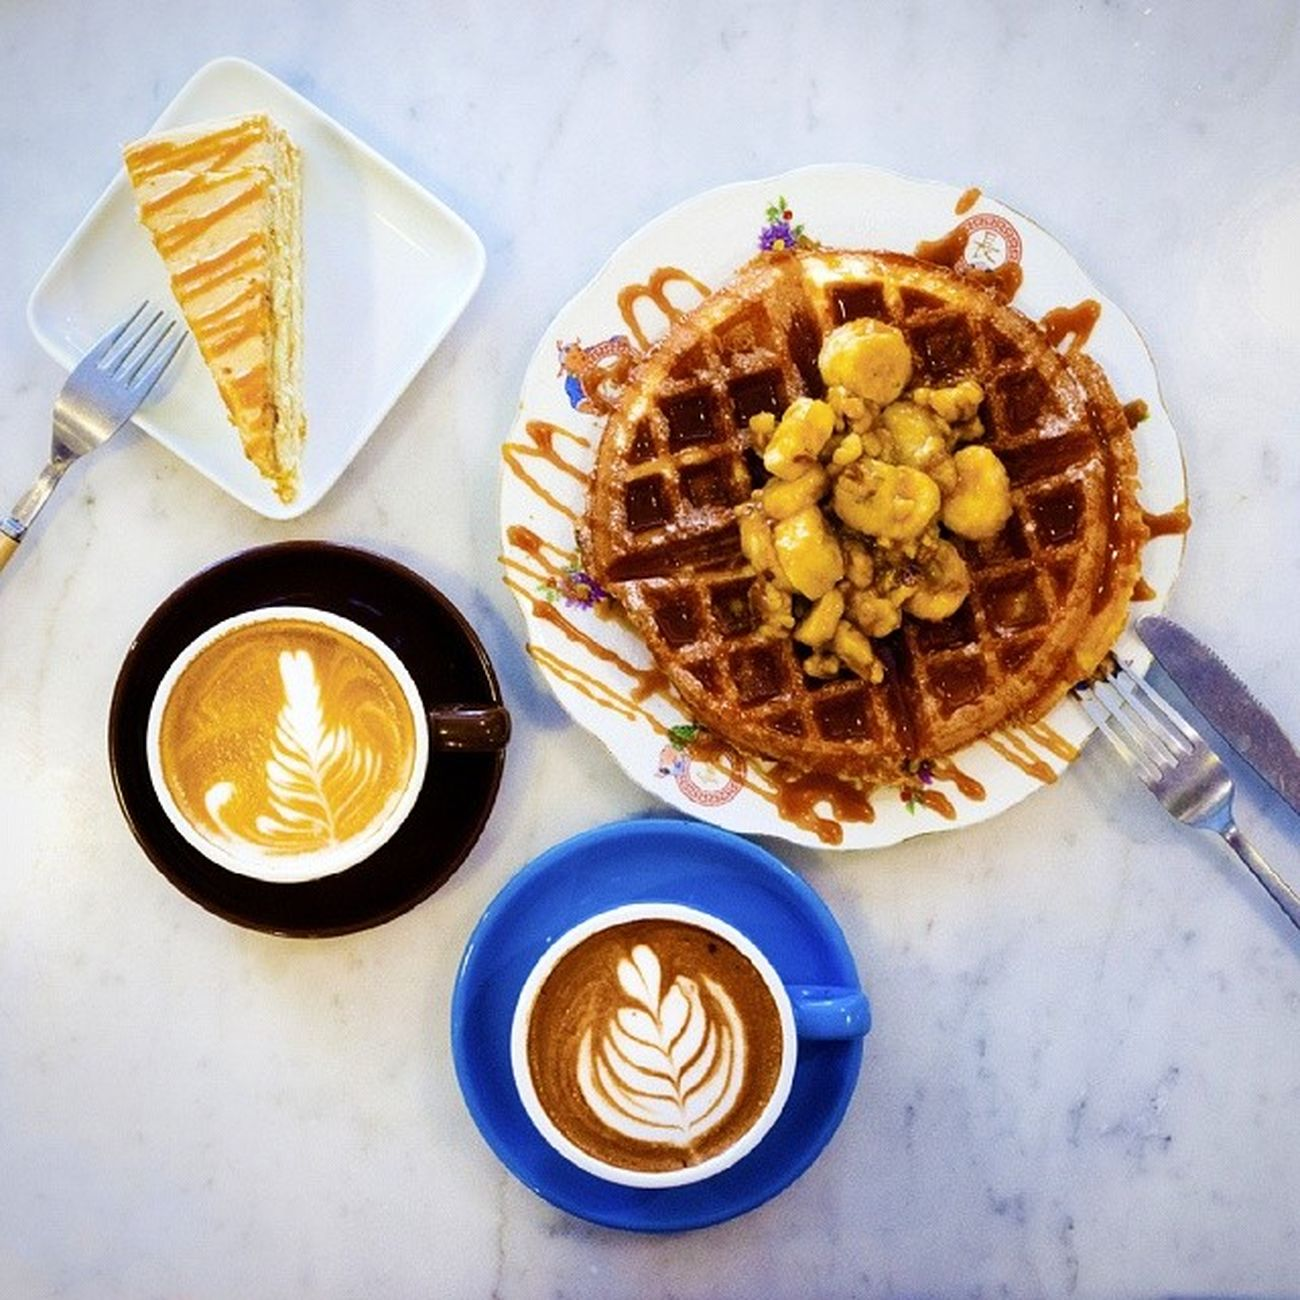 Very nice afternoon tea break! Will be here soon! Burpple Mapleandmarket Cafesg Hdbcafe teabreak cakes pastries